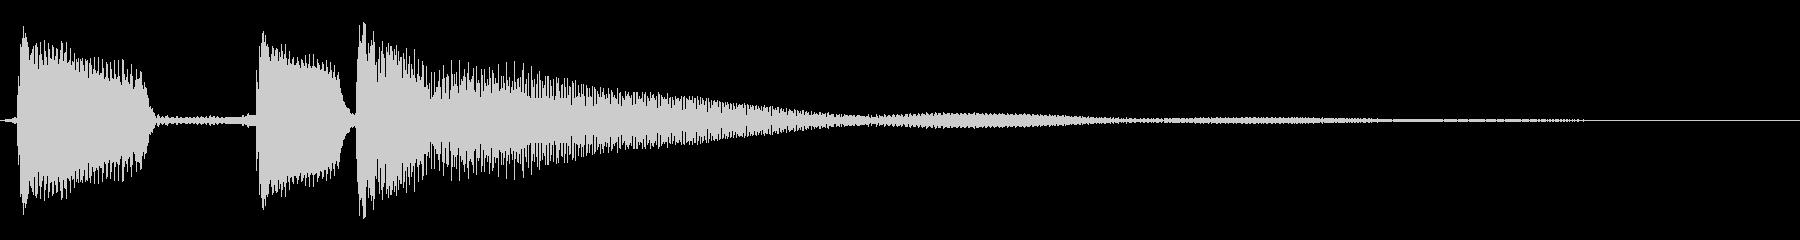 マンドリン:ショートファンファーア...の未再生の波形